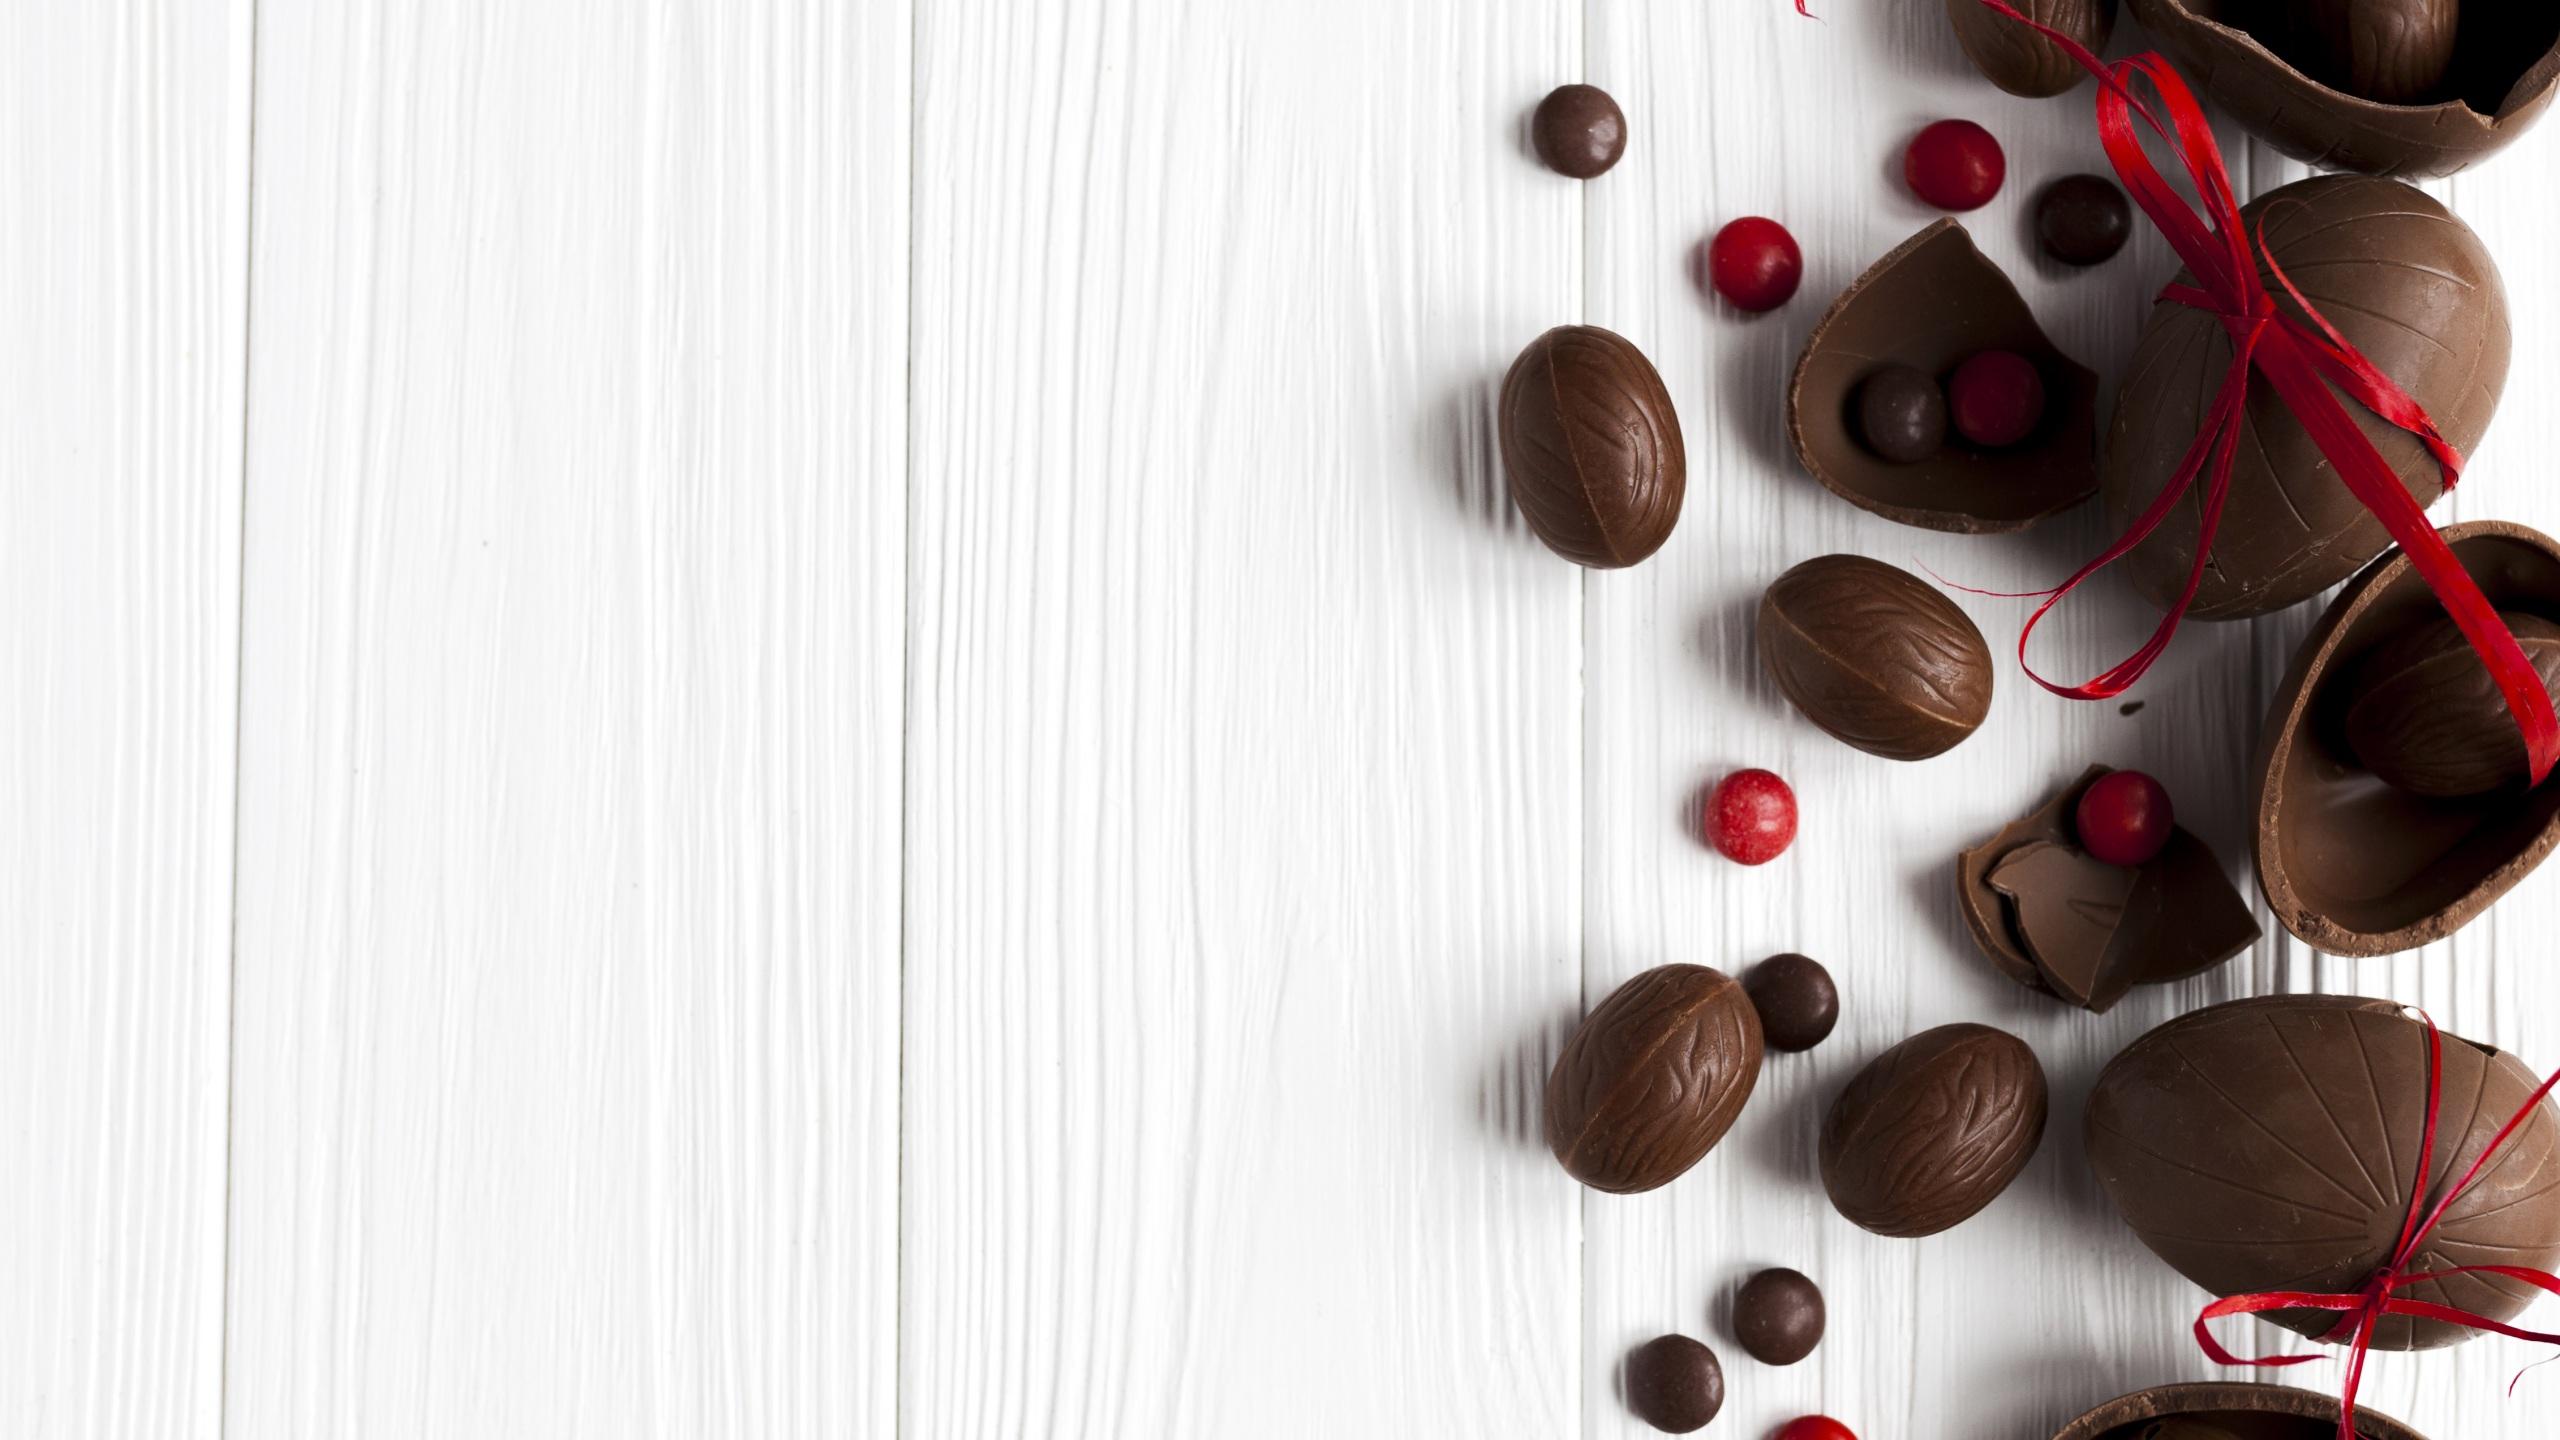 Фотографии Пасха Яйца Шоколад Еда Бантик Сладости Доски 2560x1440 яиц яйцо яйцами Пища бантики Продукты питания